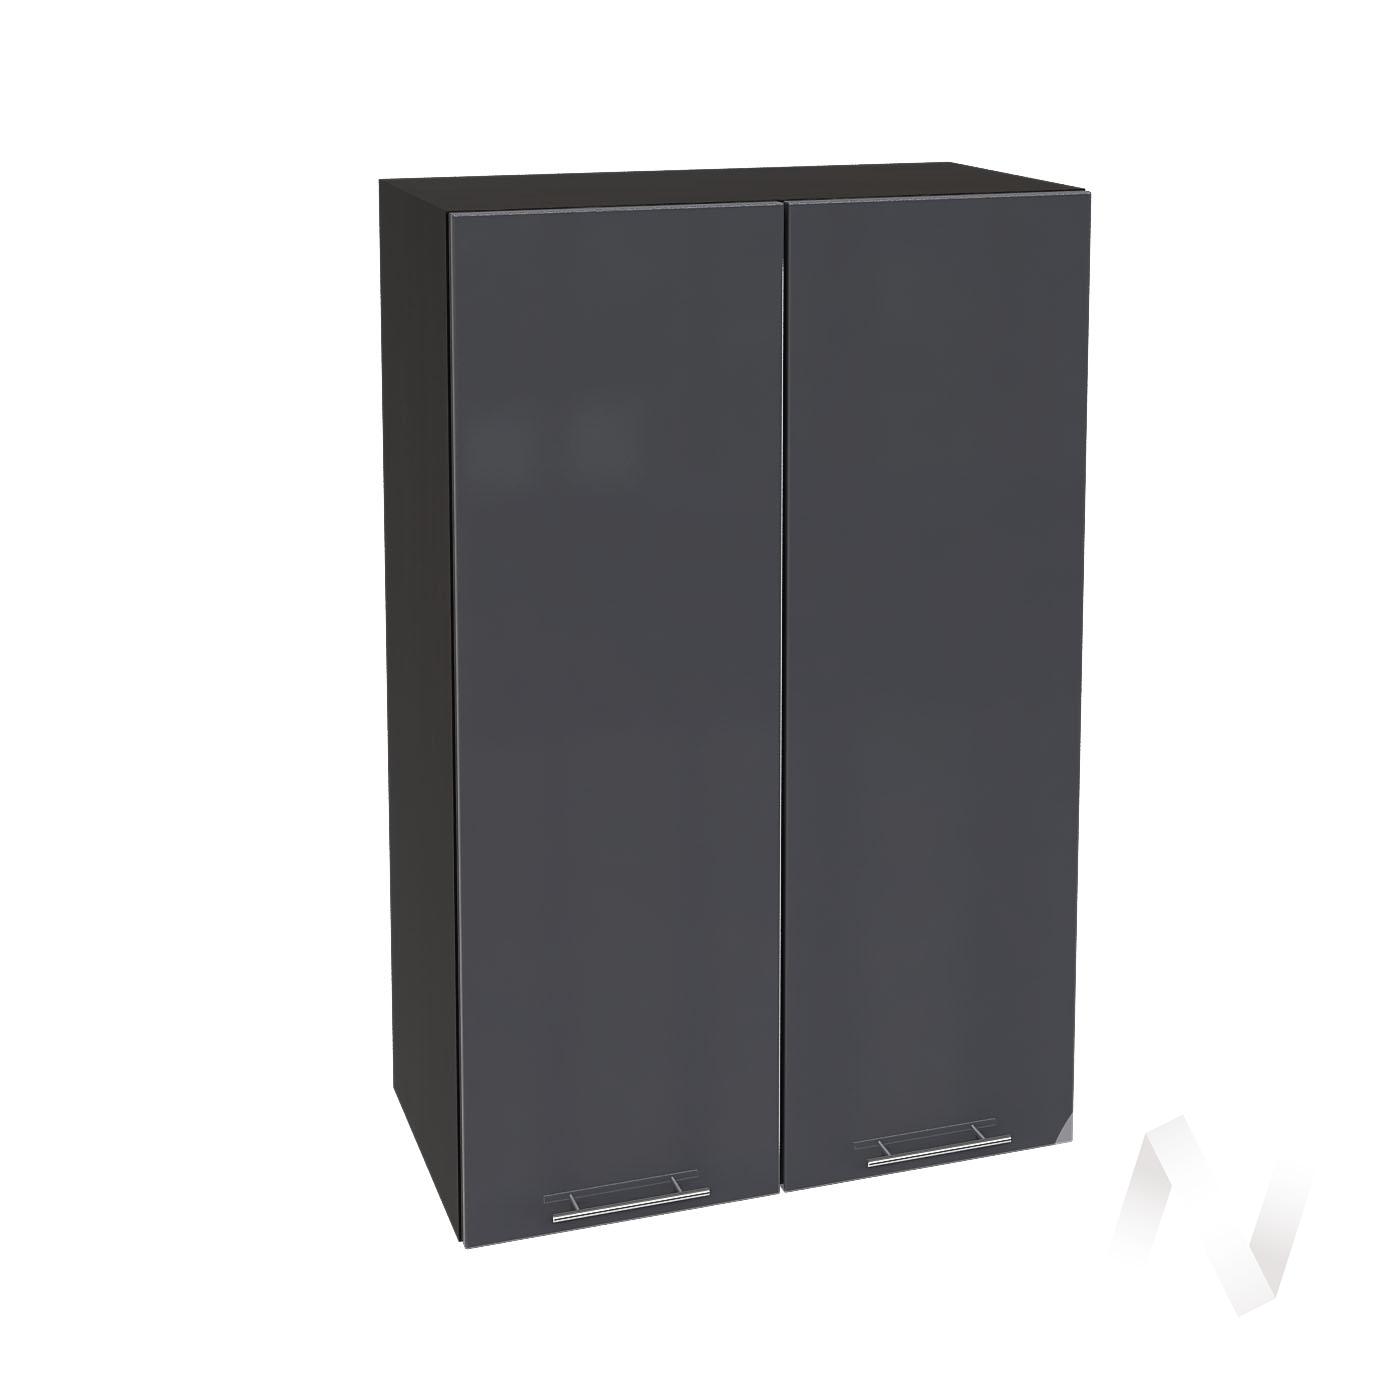 """Кухня """"Валерия-М"""": Шкаф верхний 609, ШВ 609 новый (Антрацит глянец/корпус венге)"""